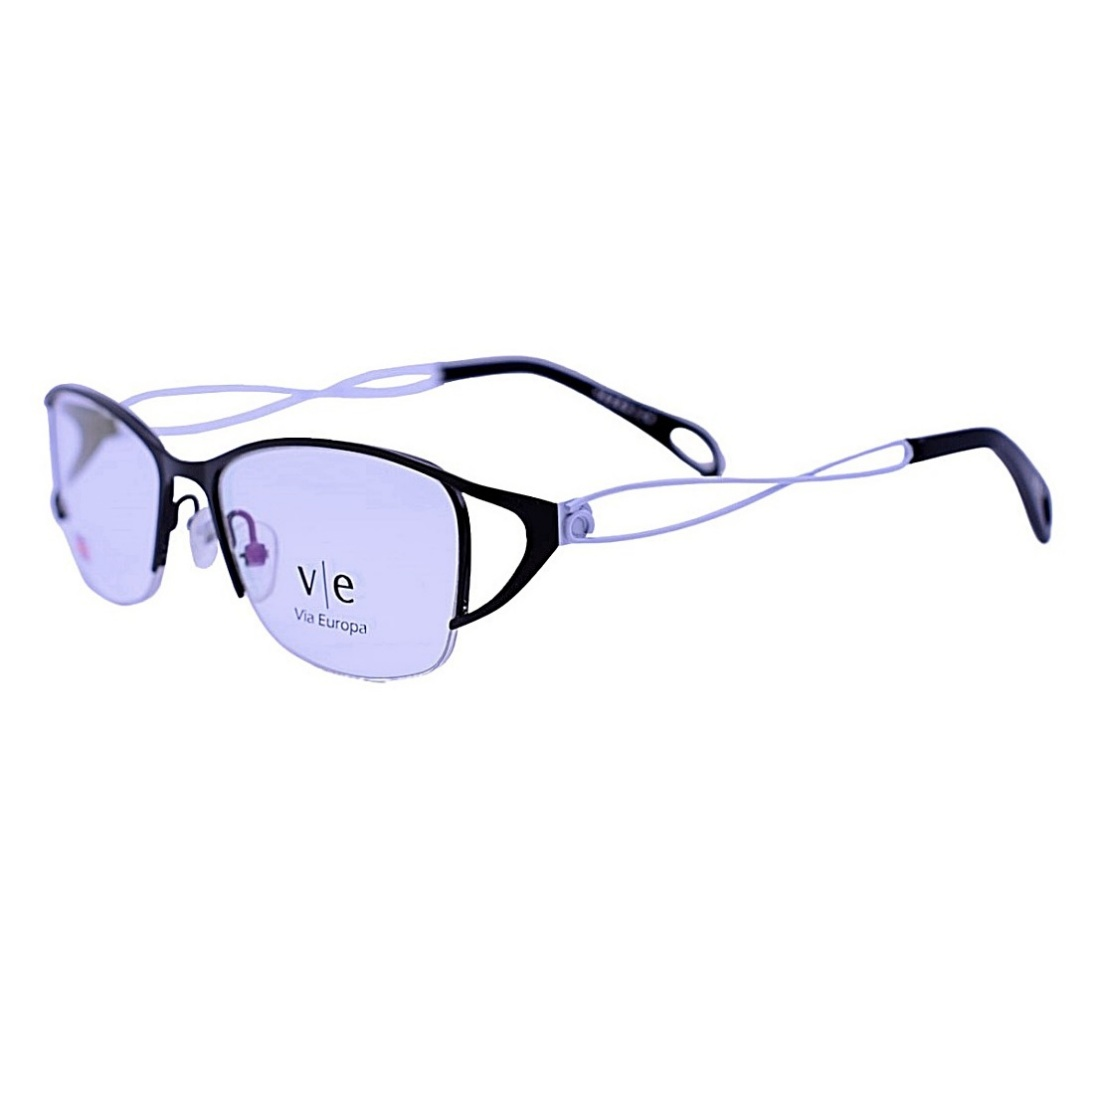 Armação Óculos De Grau Mackage Feminino Infantil Retangular - Preto/Branco